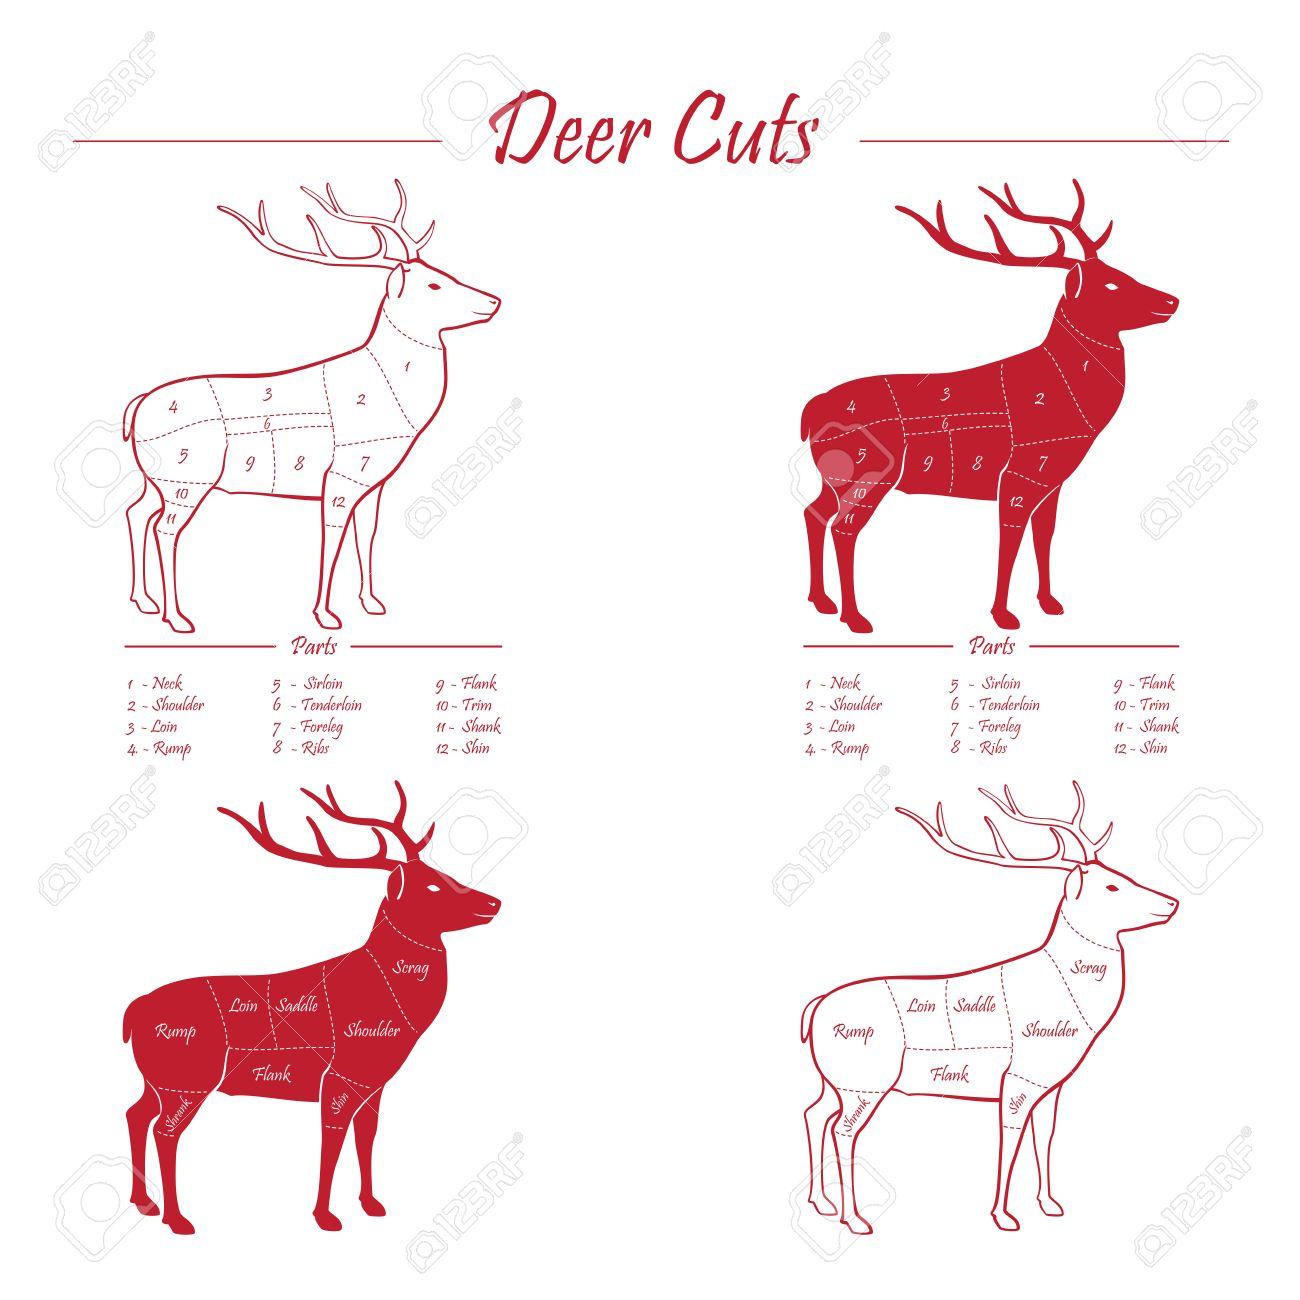 deer venison meat cut diagram scheme elements set red on rh 123rf com venison meat cuts diagram Vegetable Cuts Diagram